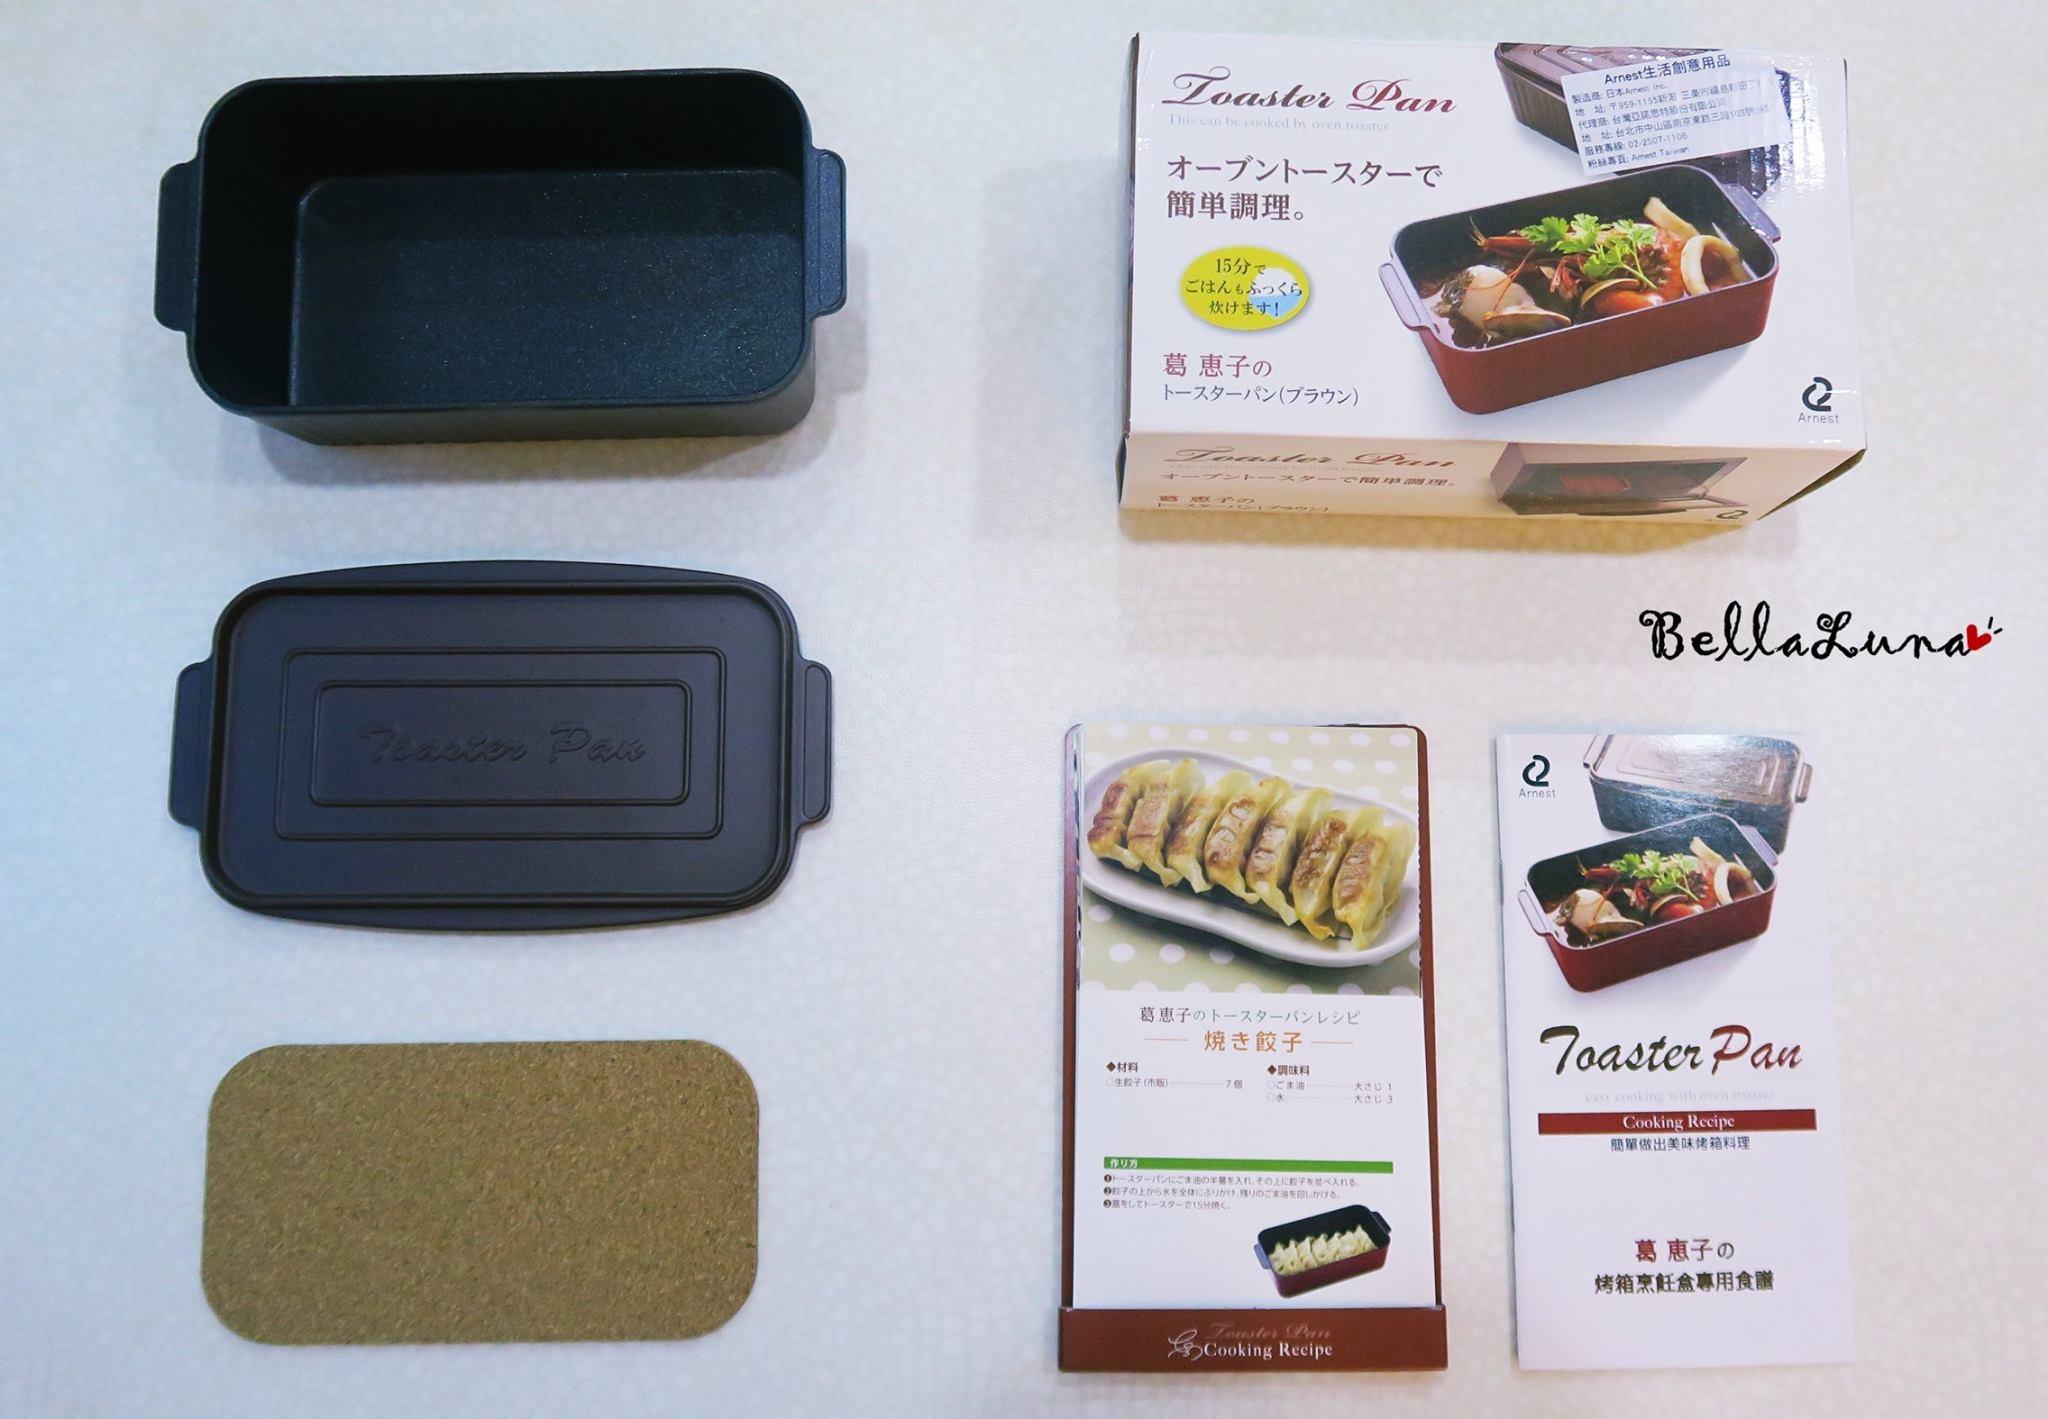 烤箱盒 1.jpg